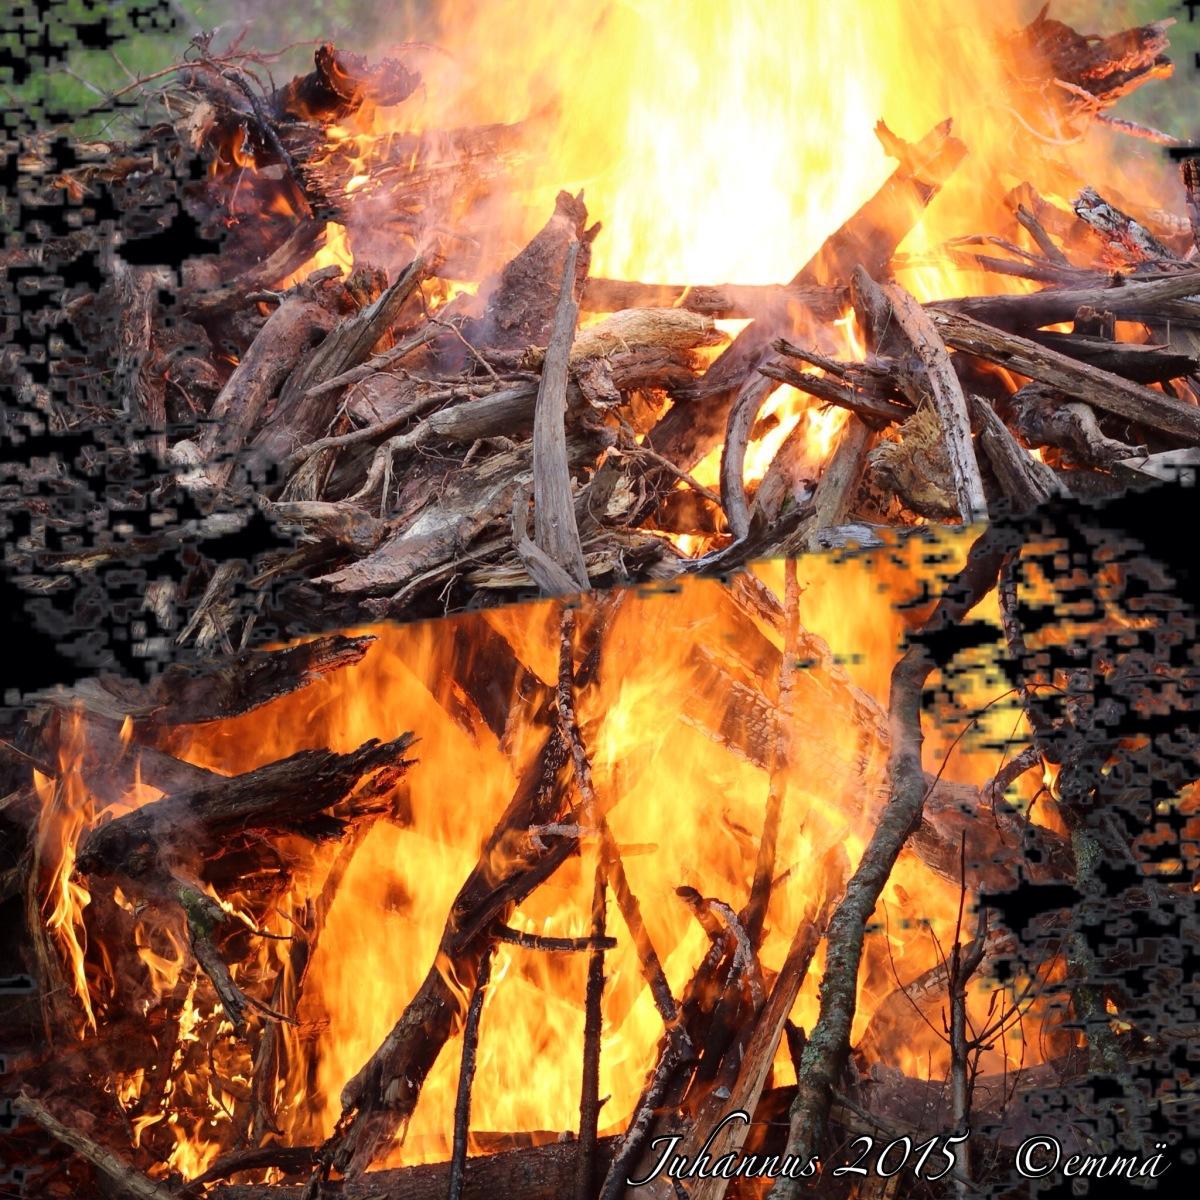 Iänikuinen vene ja pellosta nousseita puita seuranaan keveämpiä oksia palavat hyvin alkuun päästyään.